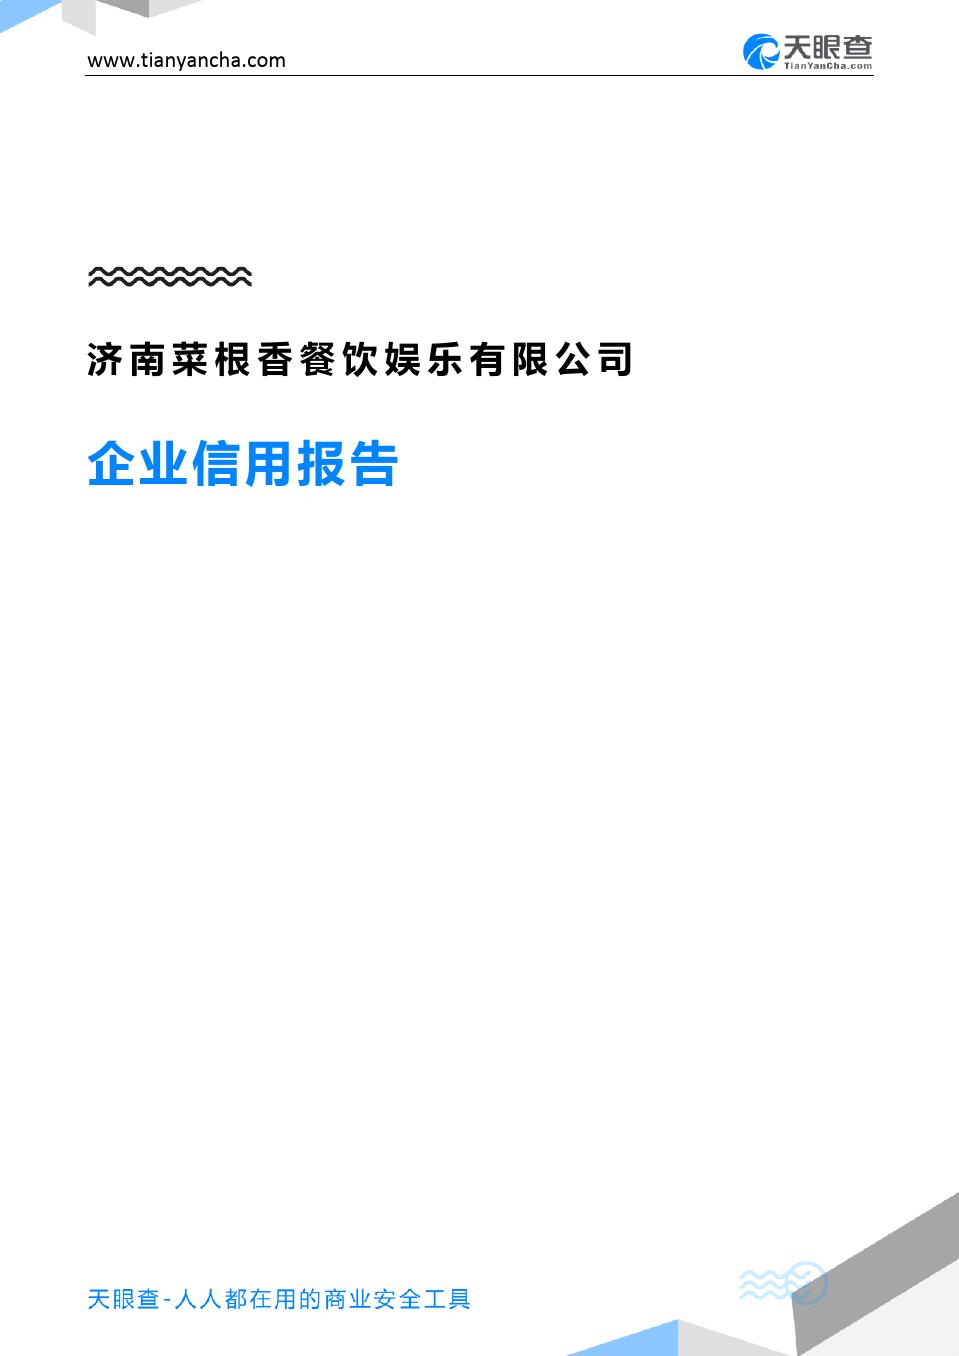 濟南菜根香餐飲娛樂有限公司(企業信用報告)- 天眼查